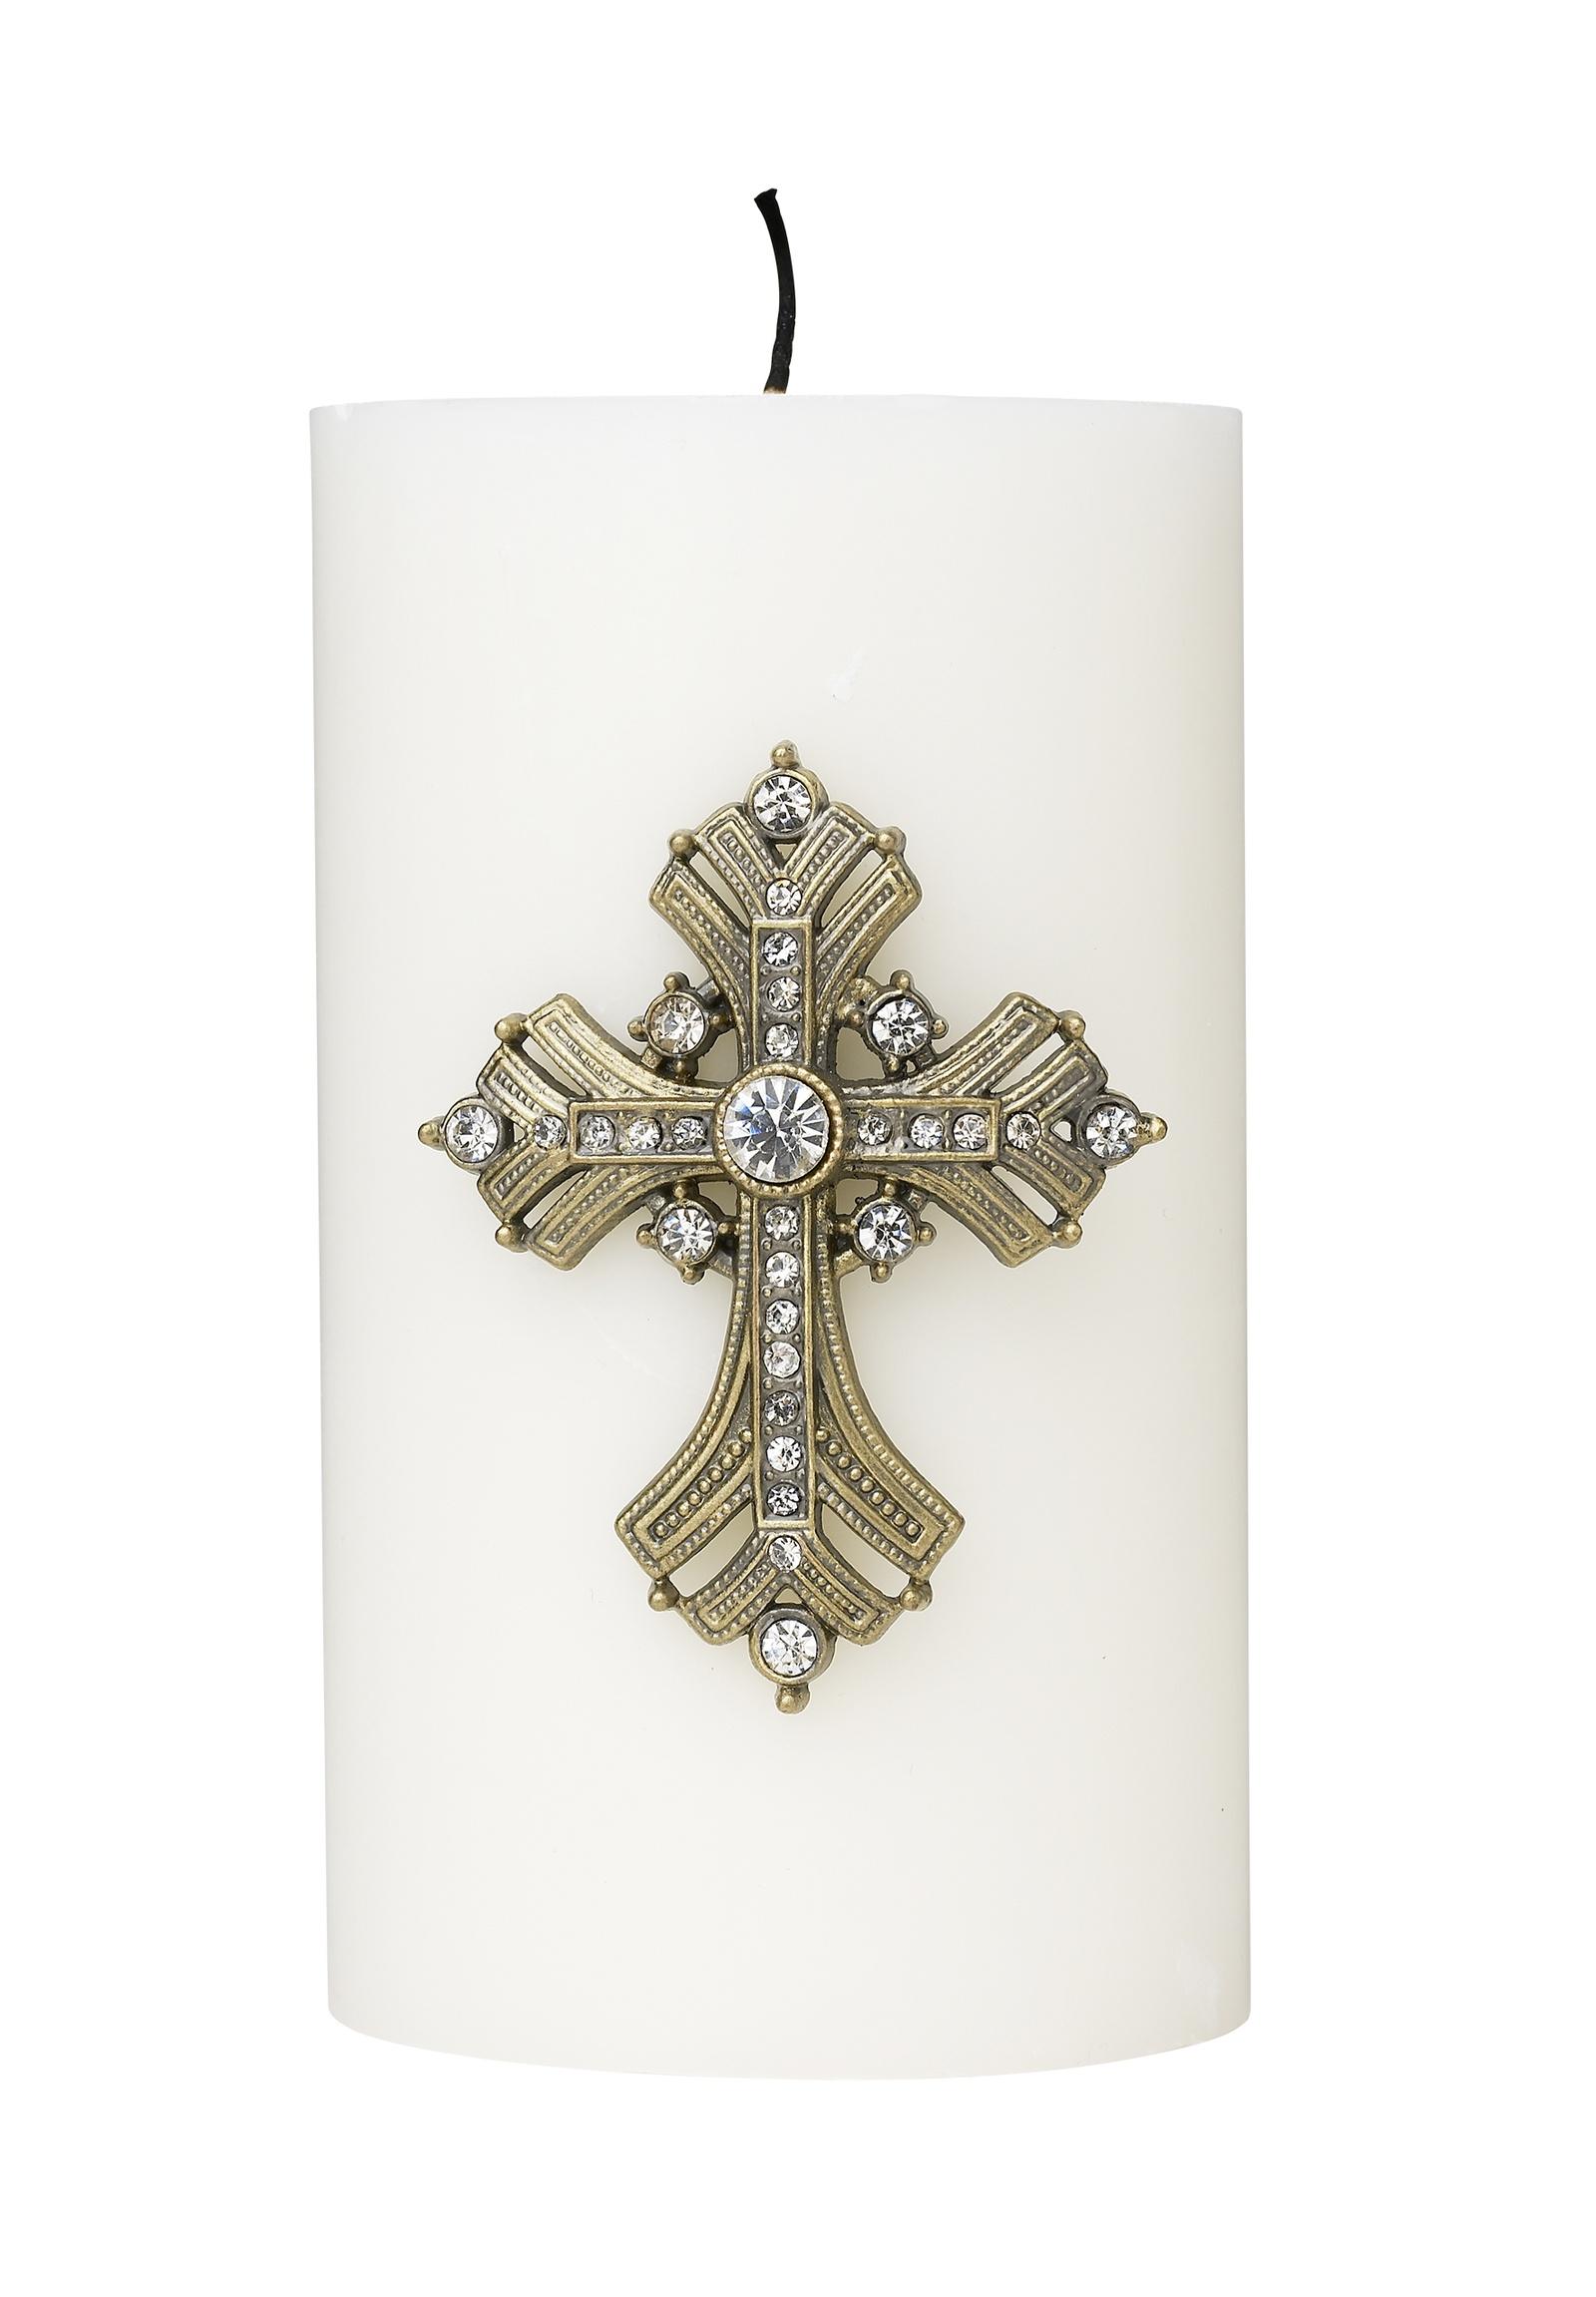 Украшение для свечи Molly Marais Crystals, Размер: Высота 7,6, ширина 0,5, длина 5,4., Цвет: Золотой, DE520026